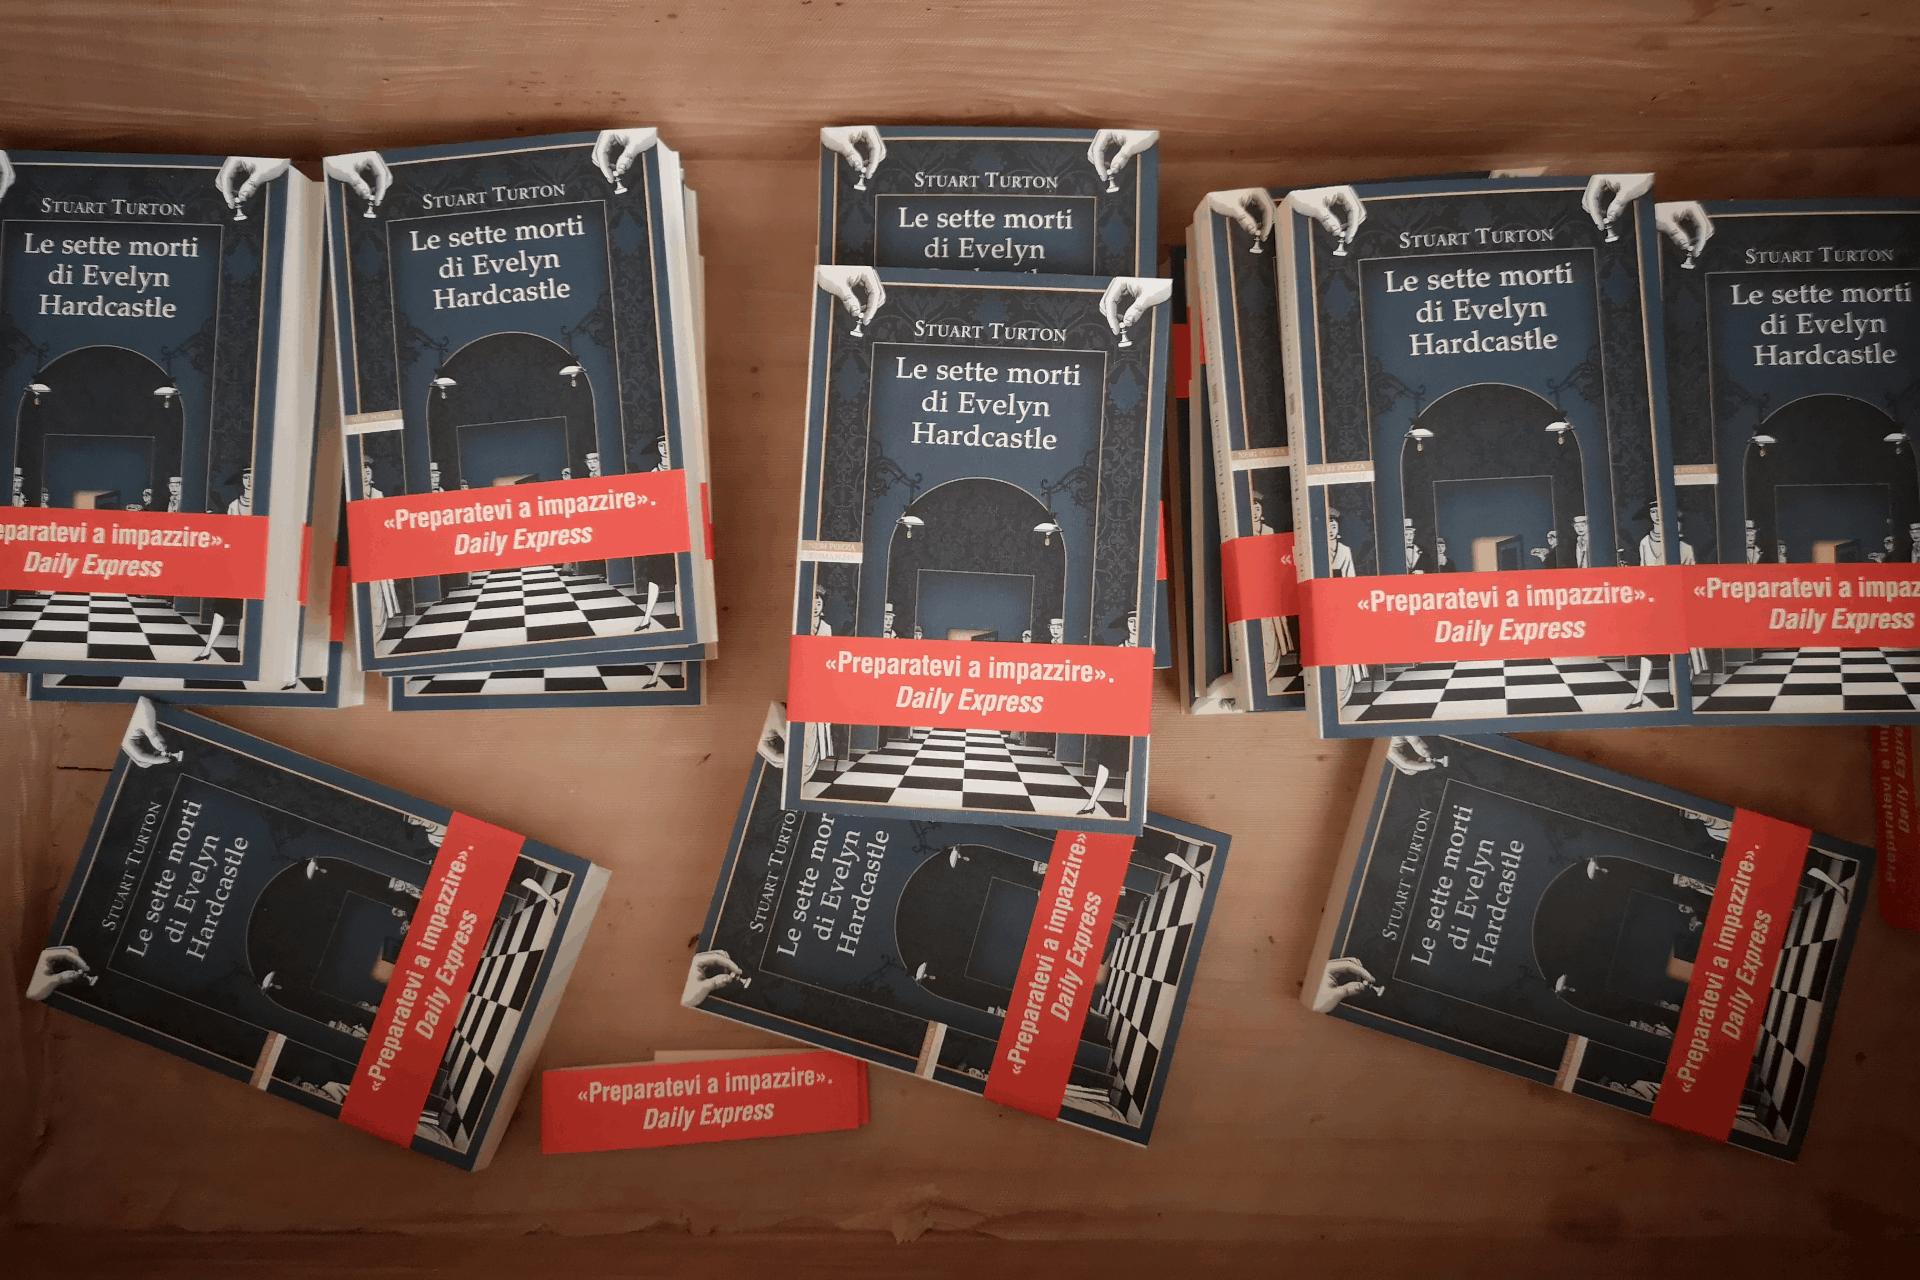 Le sette morti - escape room, libri